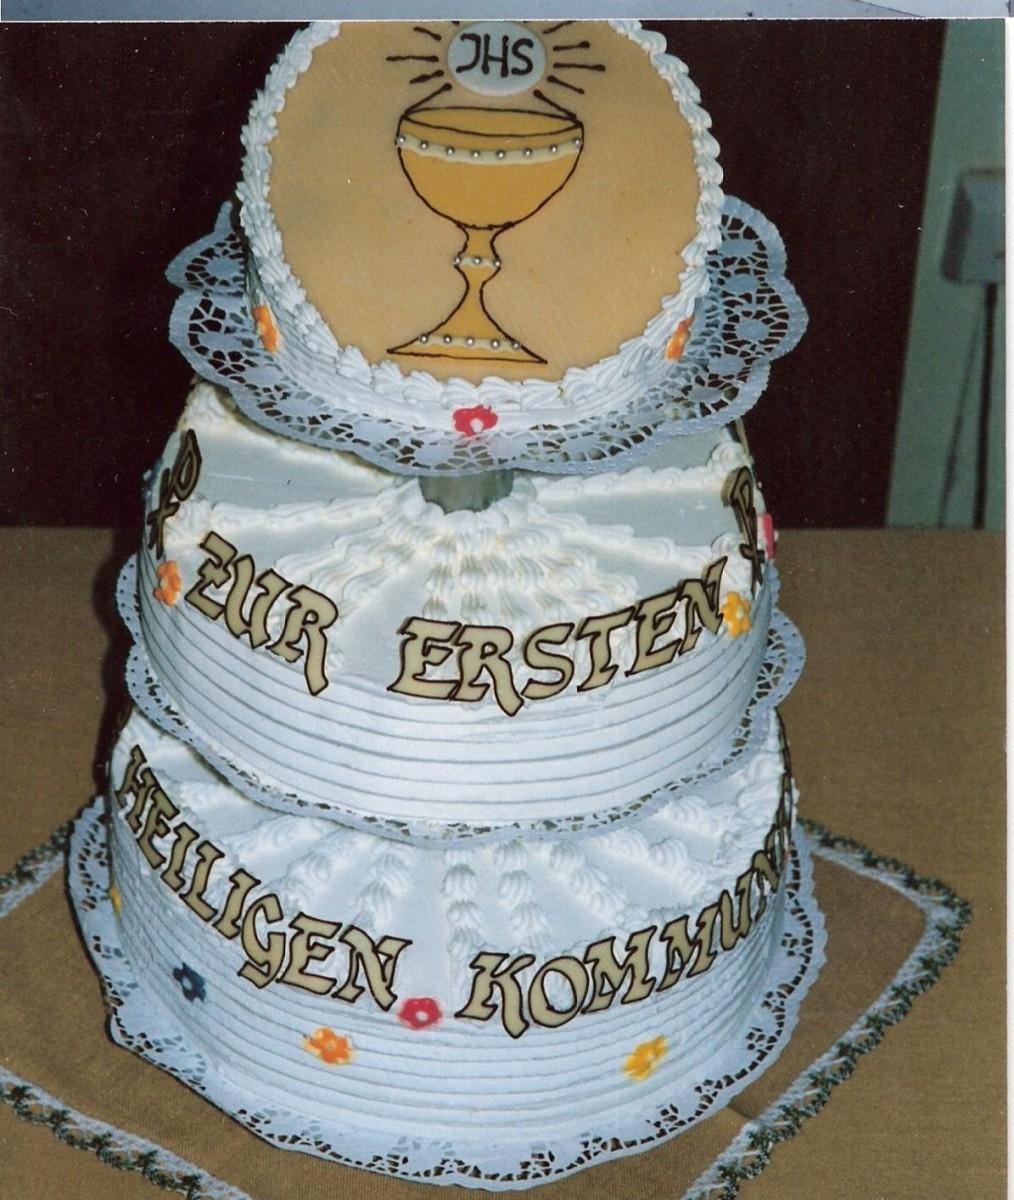 Taufe und kommunion plecher for Torte zur taufe selber machen